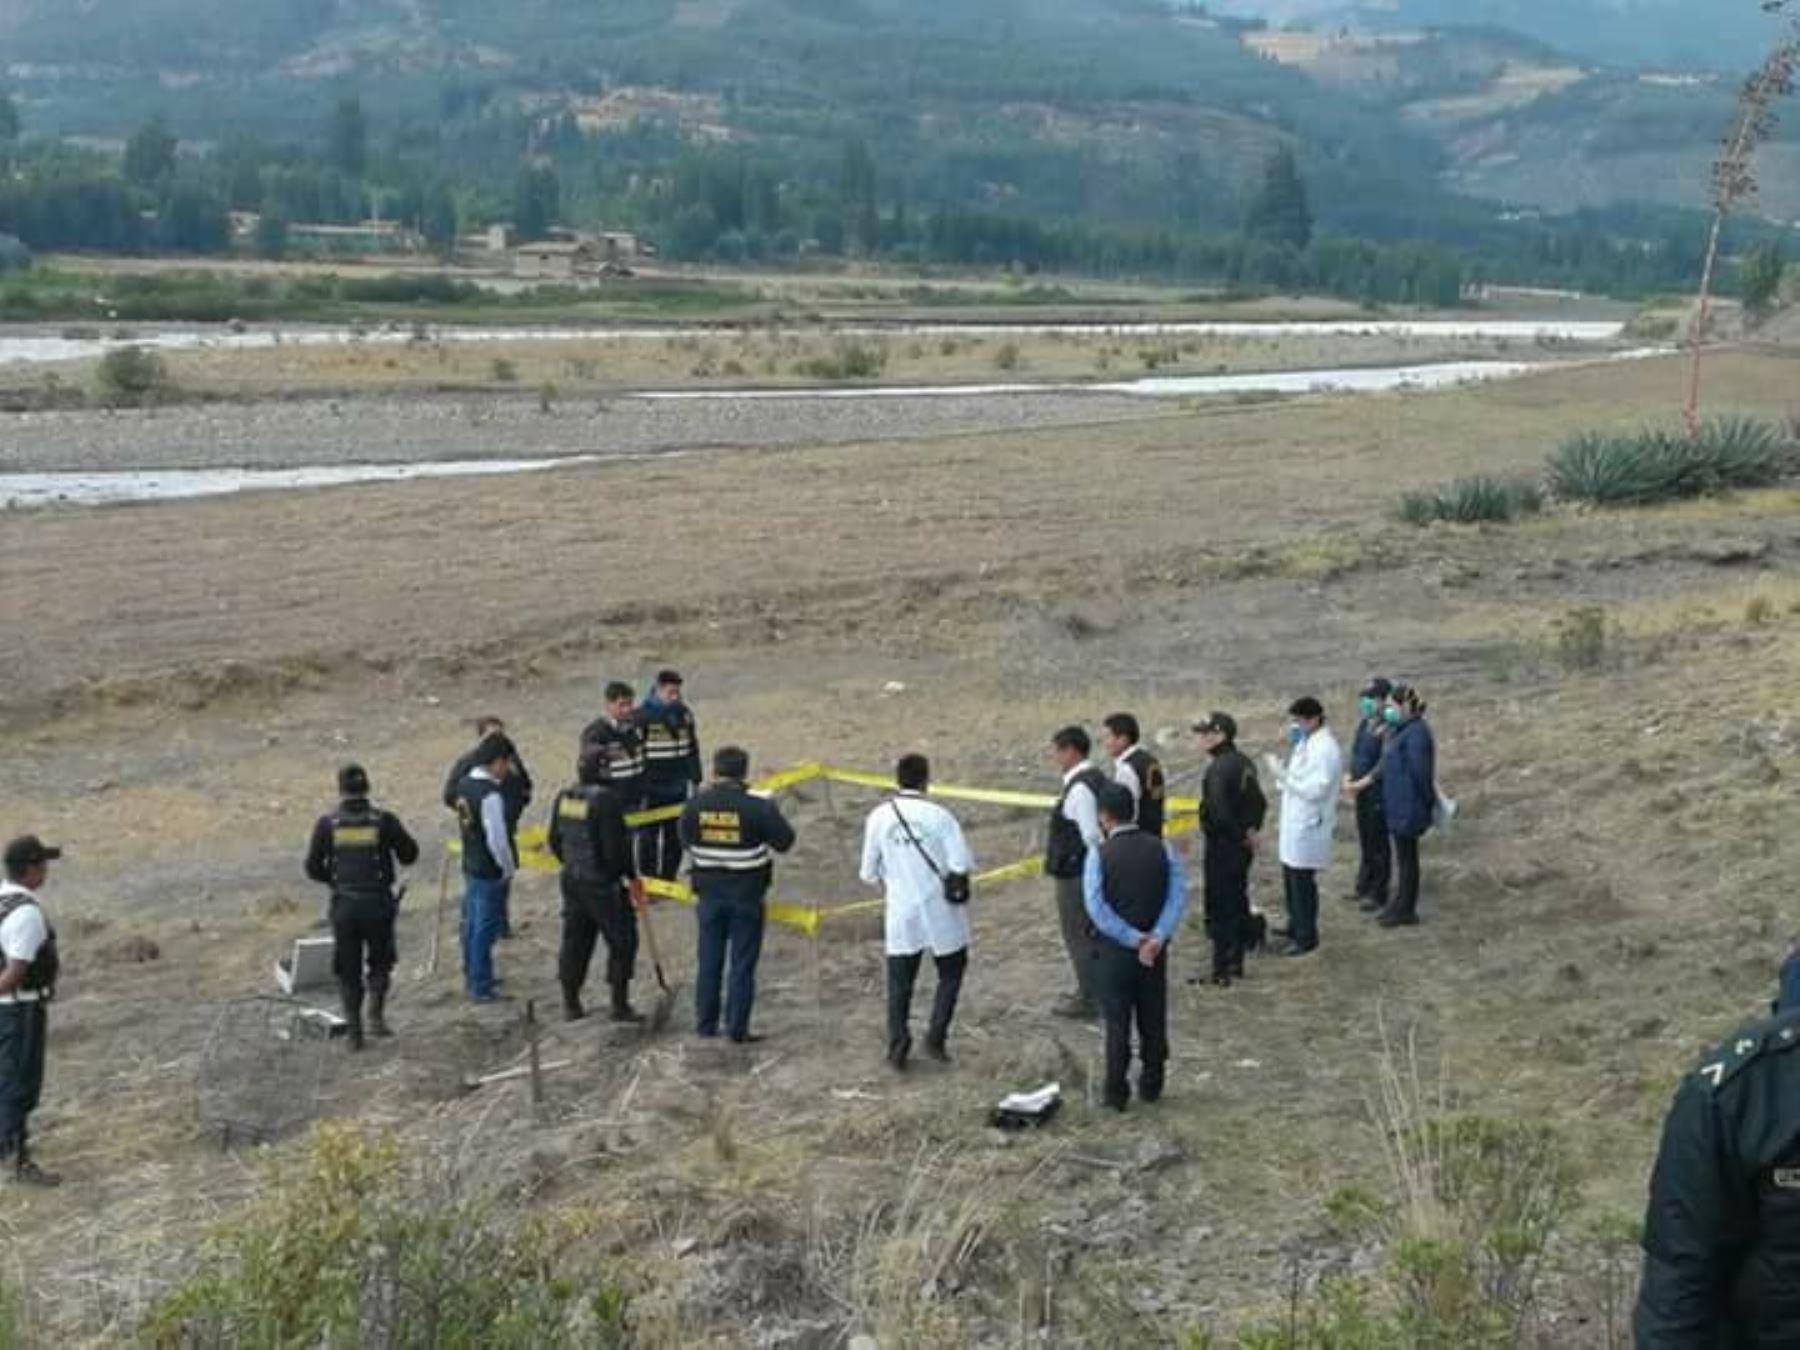 Los restos del menor secuestrado en Cusco, Sebastián Gárate, fueron hallados en un paraje alejado, cerca de la ciudad de Urcos, provincia de Quispicanchi.